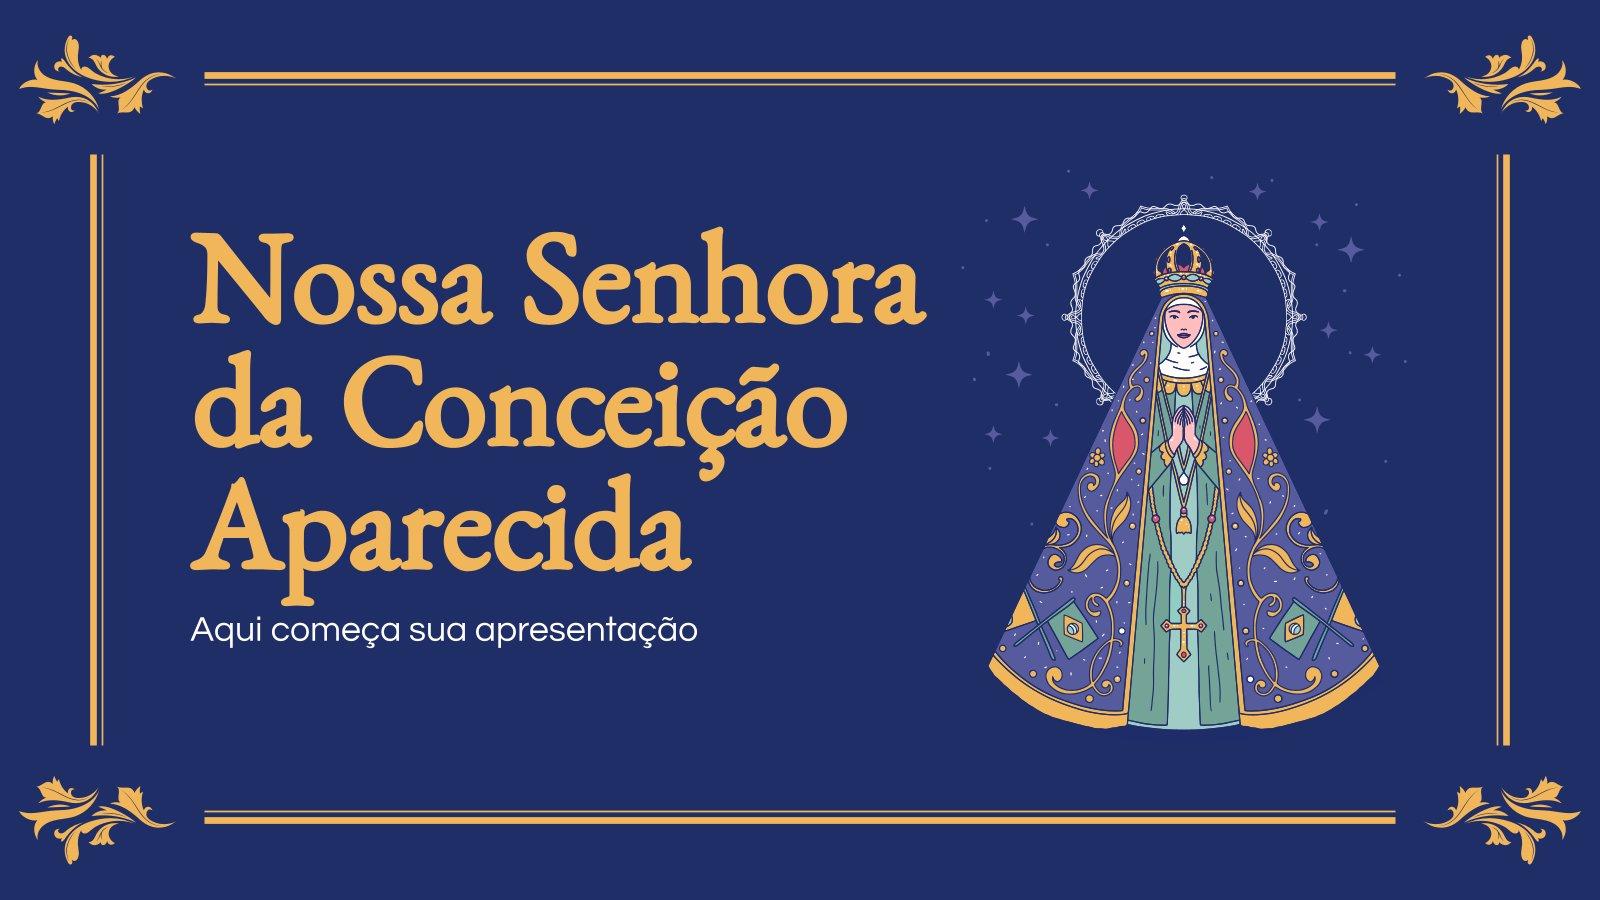 Our Lady of Aparecida presentation template